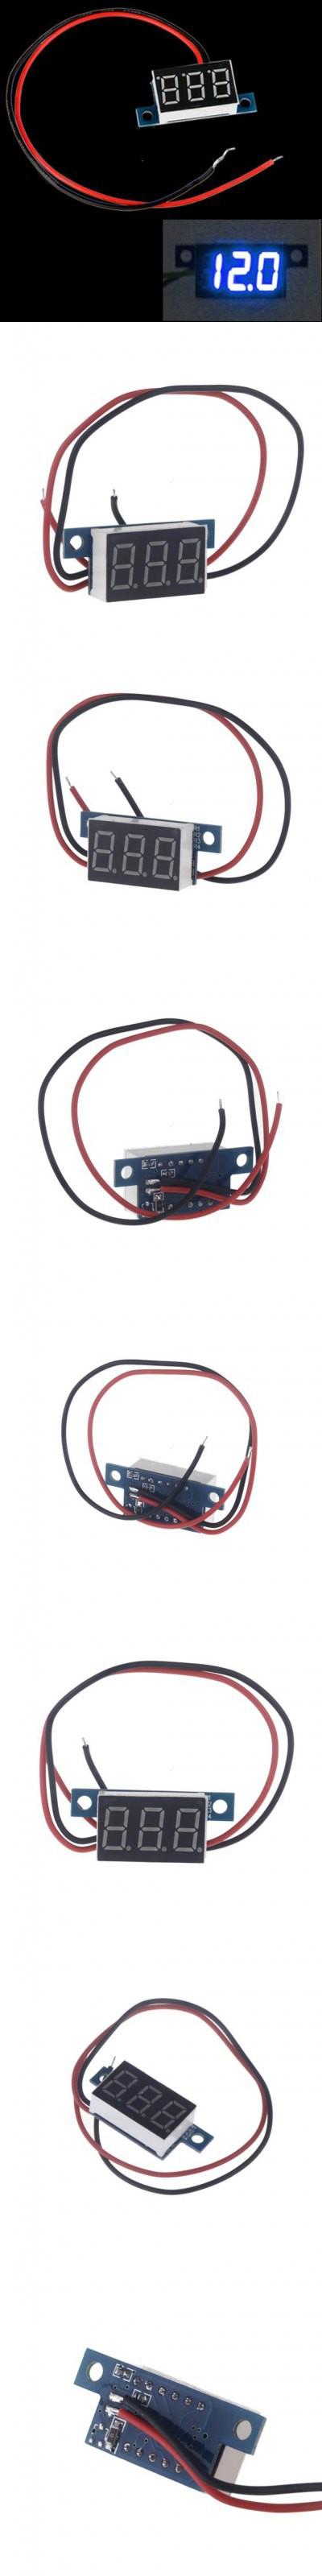 Ts Voltmeter Meter Module Meters Pinterest Motorcycle Accessories Wiring 294